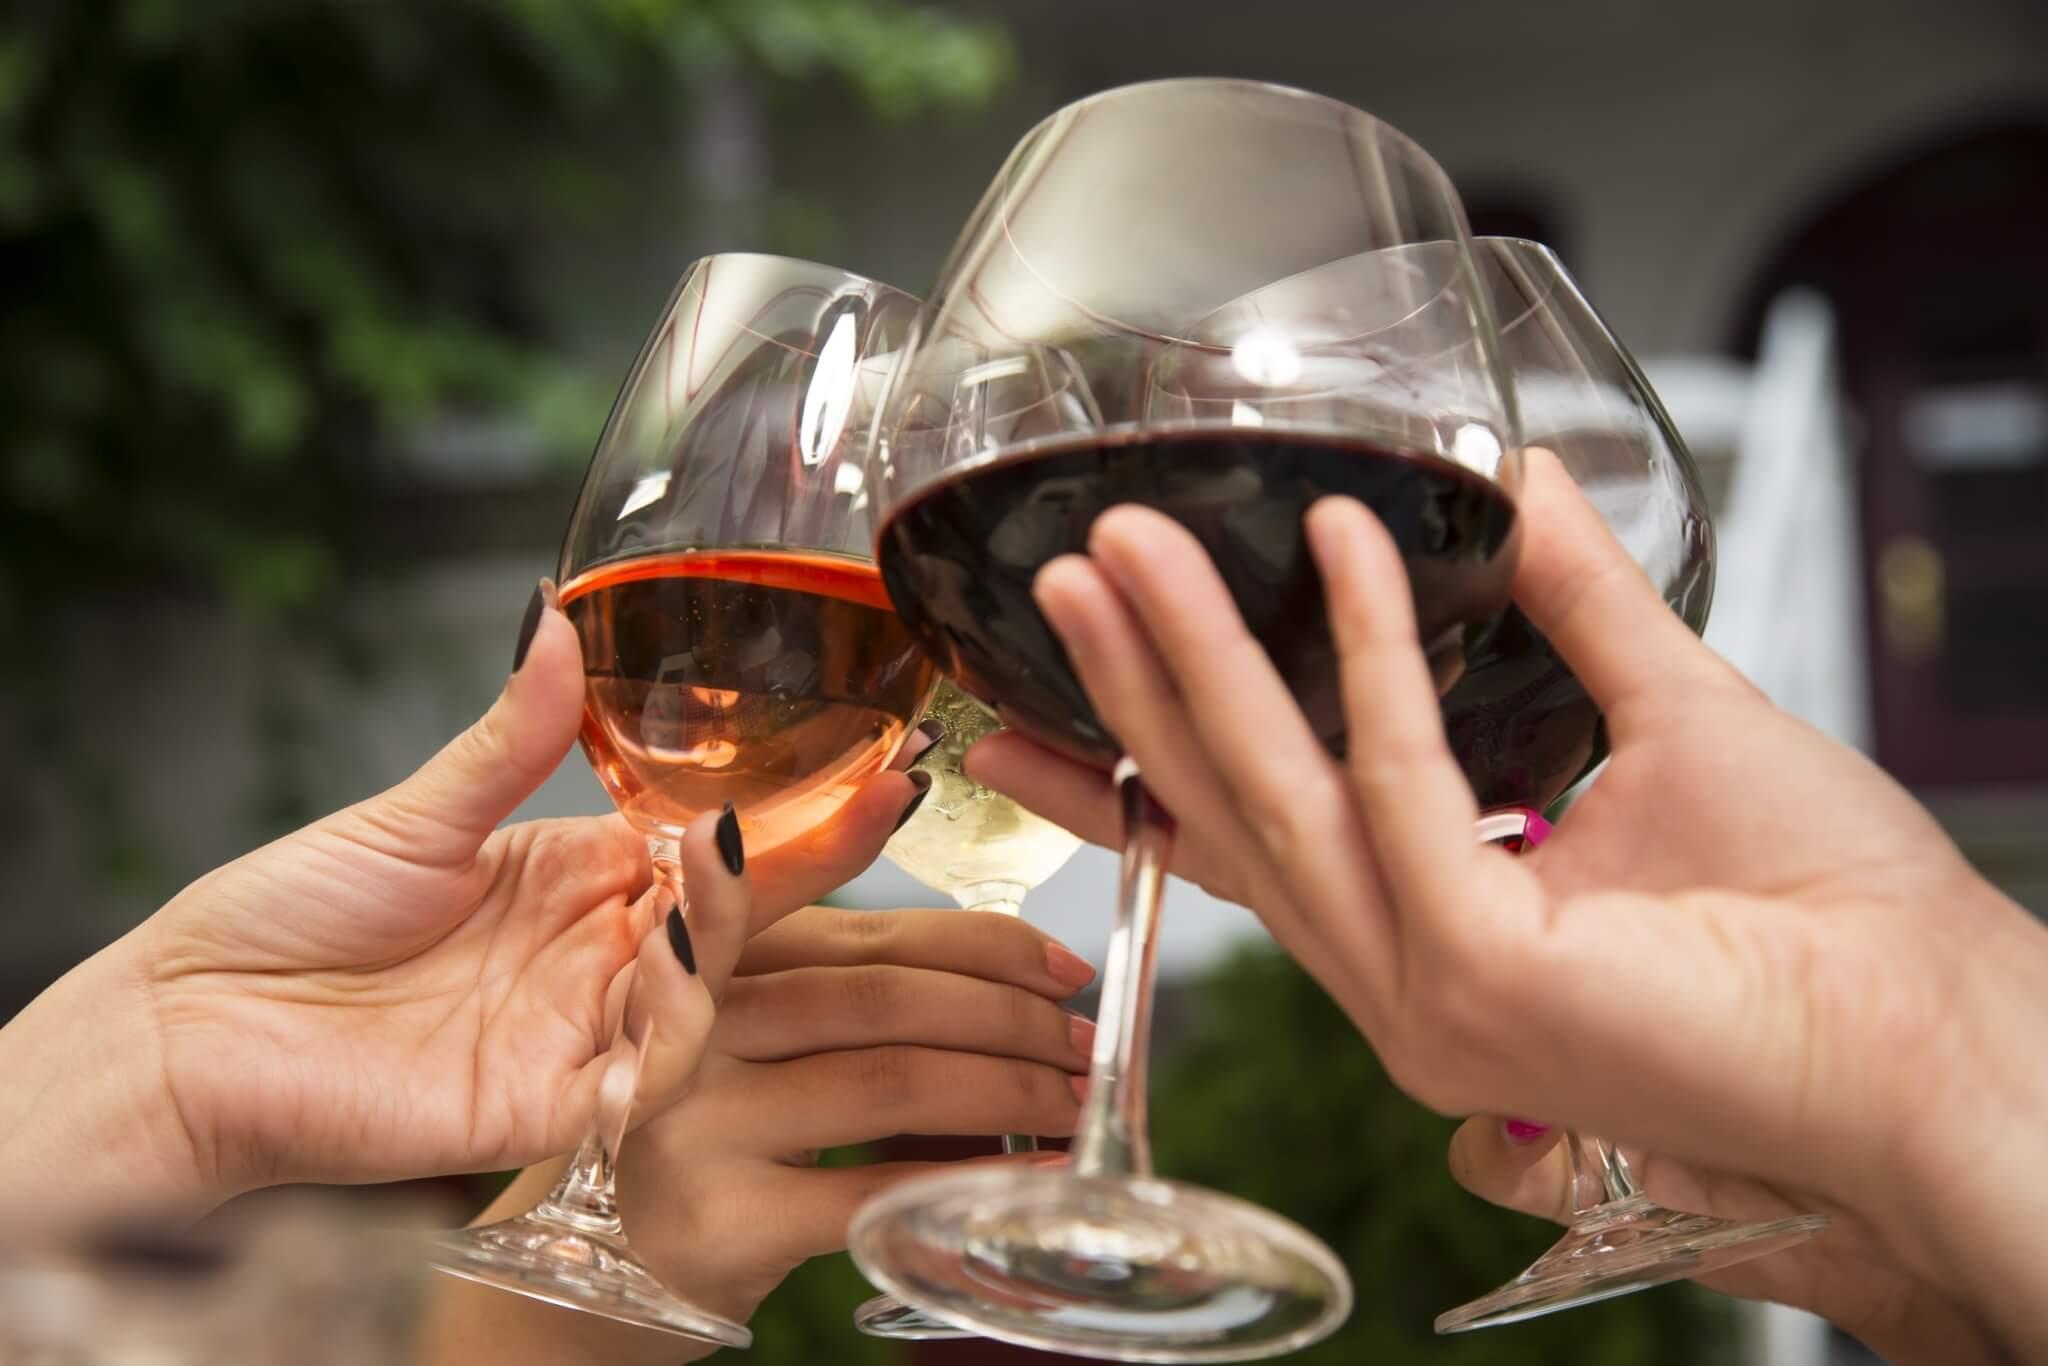 Toasting-with-wine-000068568279_Large.jpg.jpeg